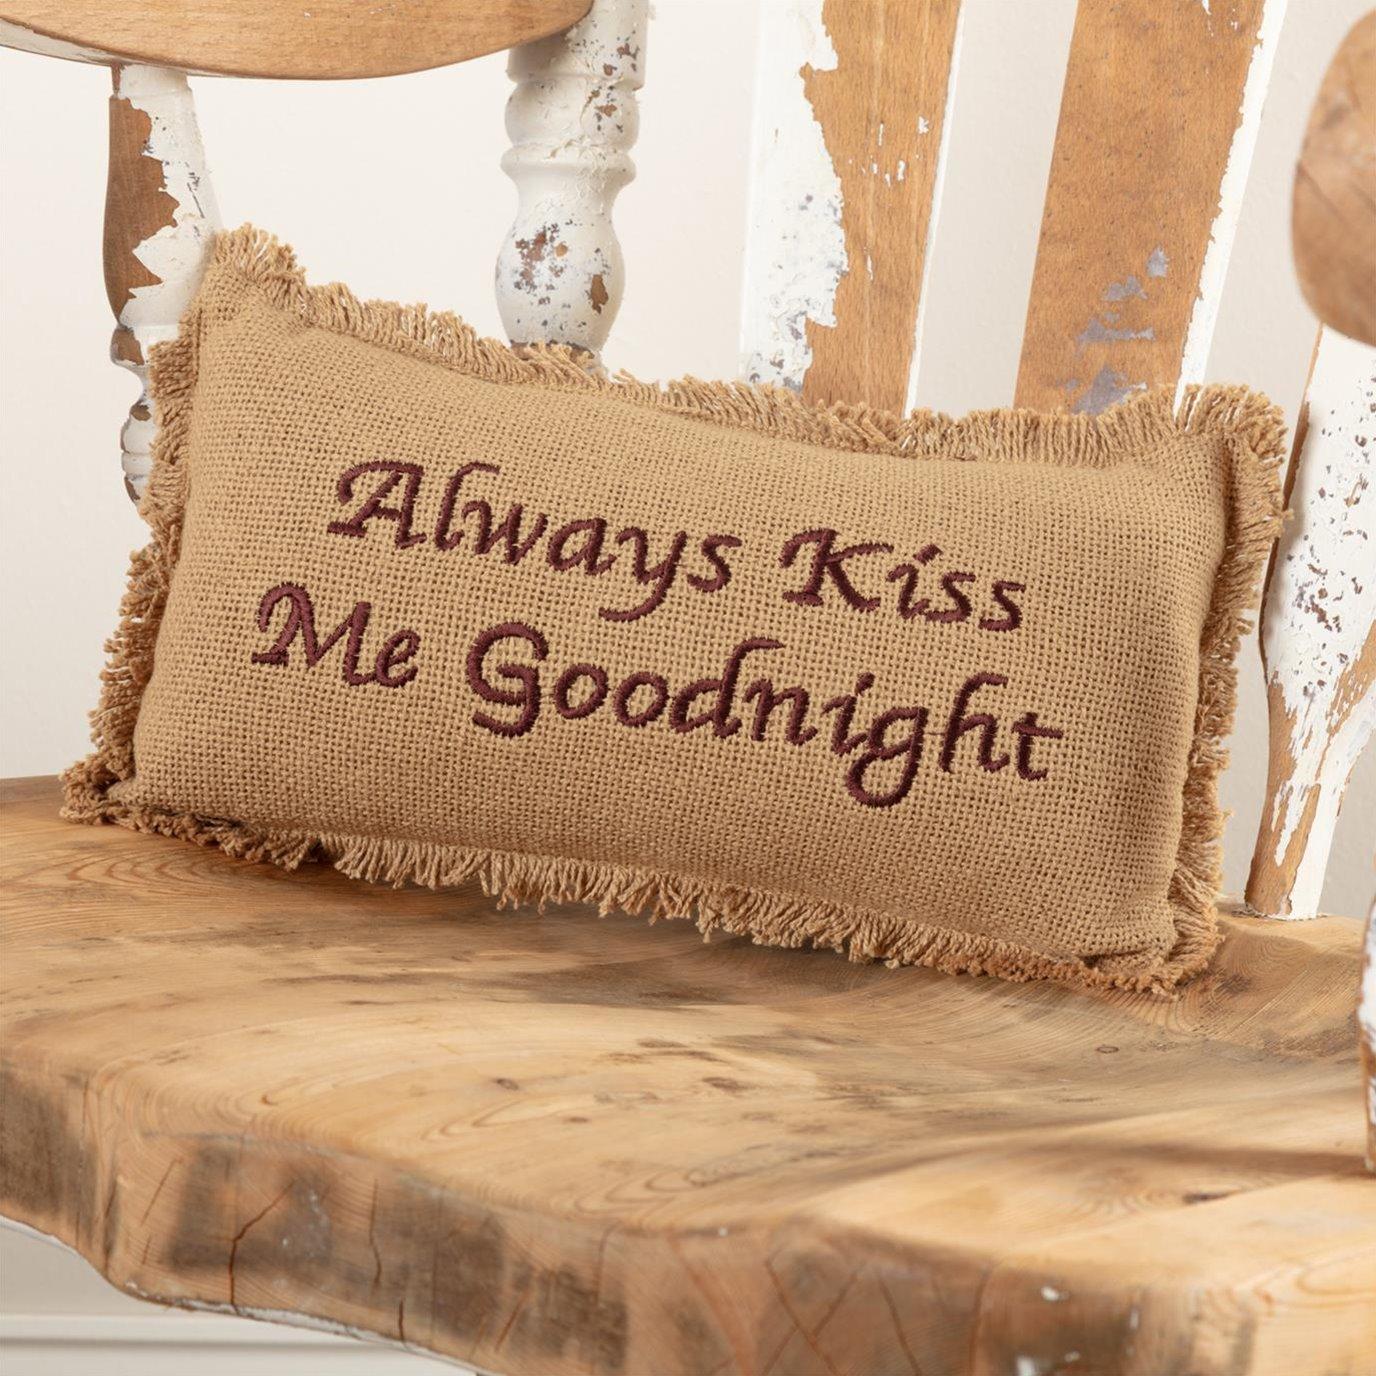 Burlap Natural Pillow Always Kiss Me Goodnight 7x13